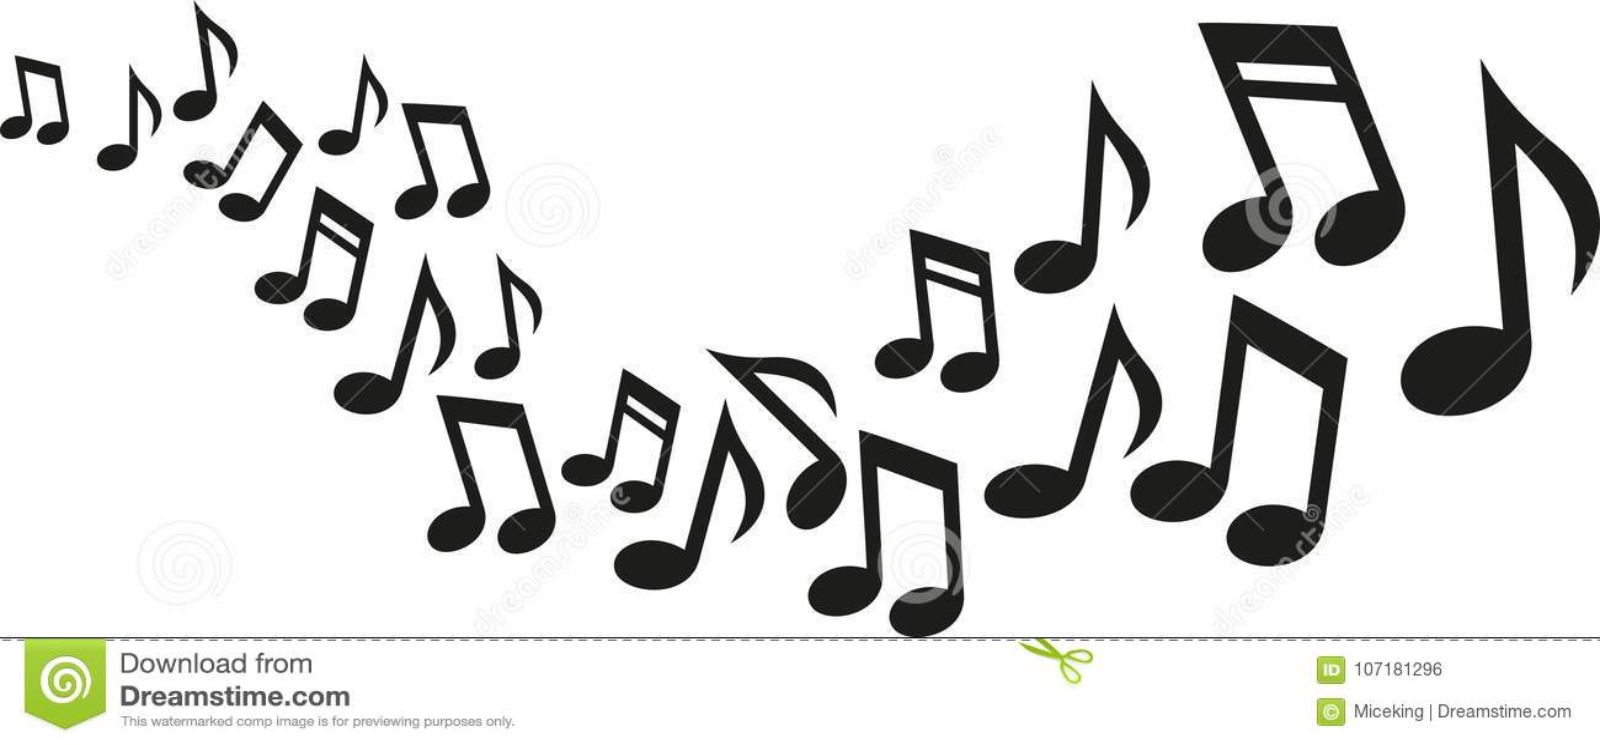 Vague de notes de musique